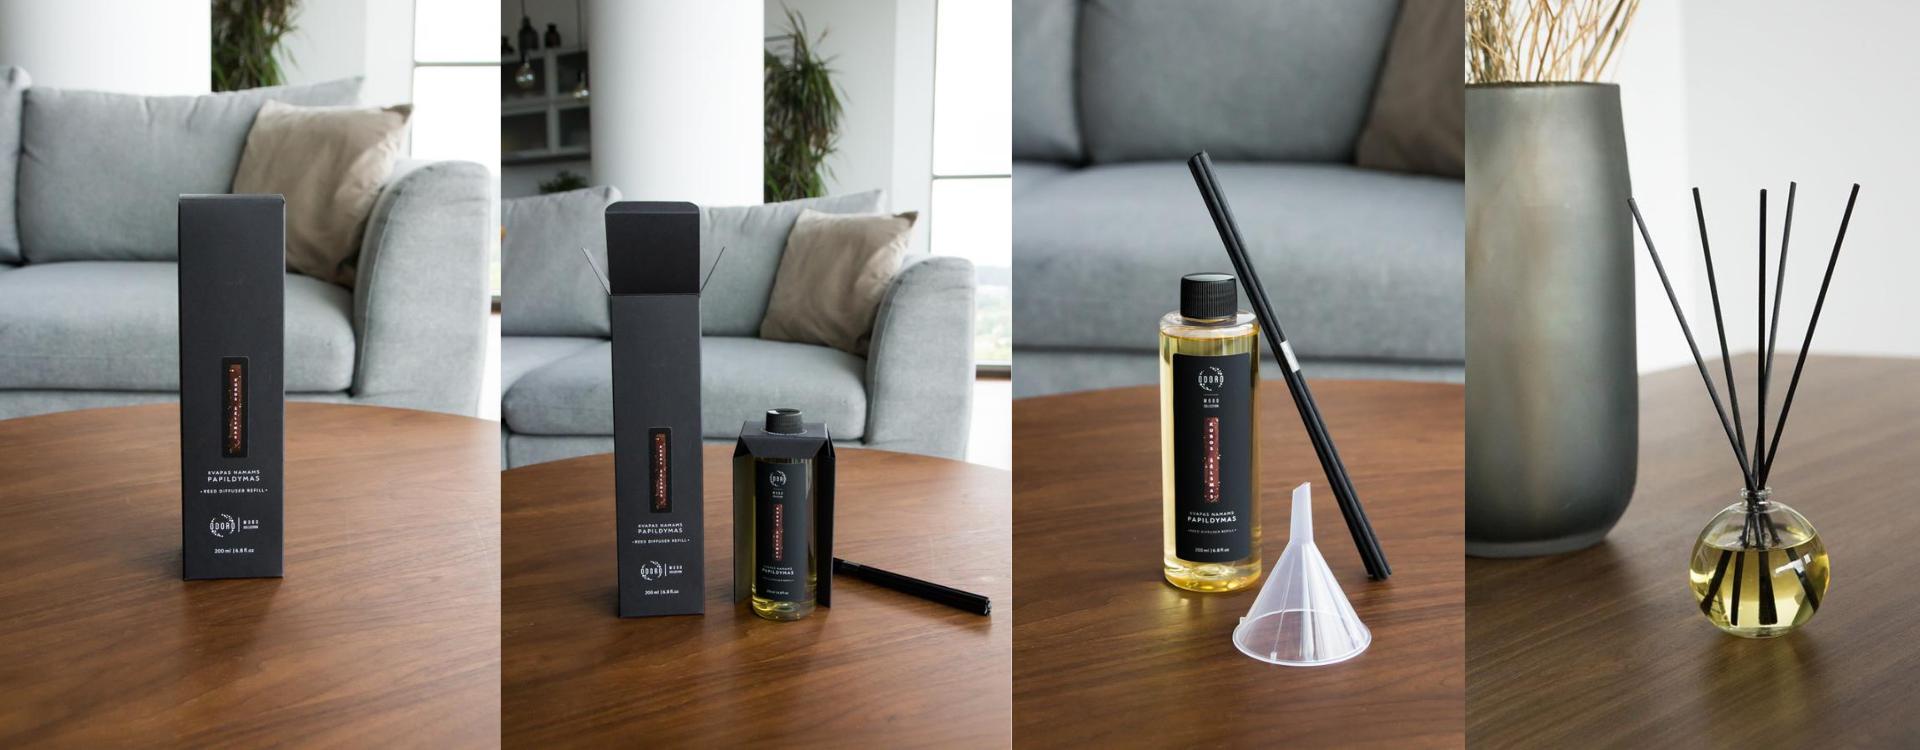 odoro home fragrance refiller